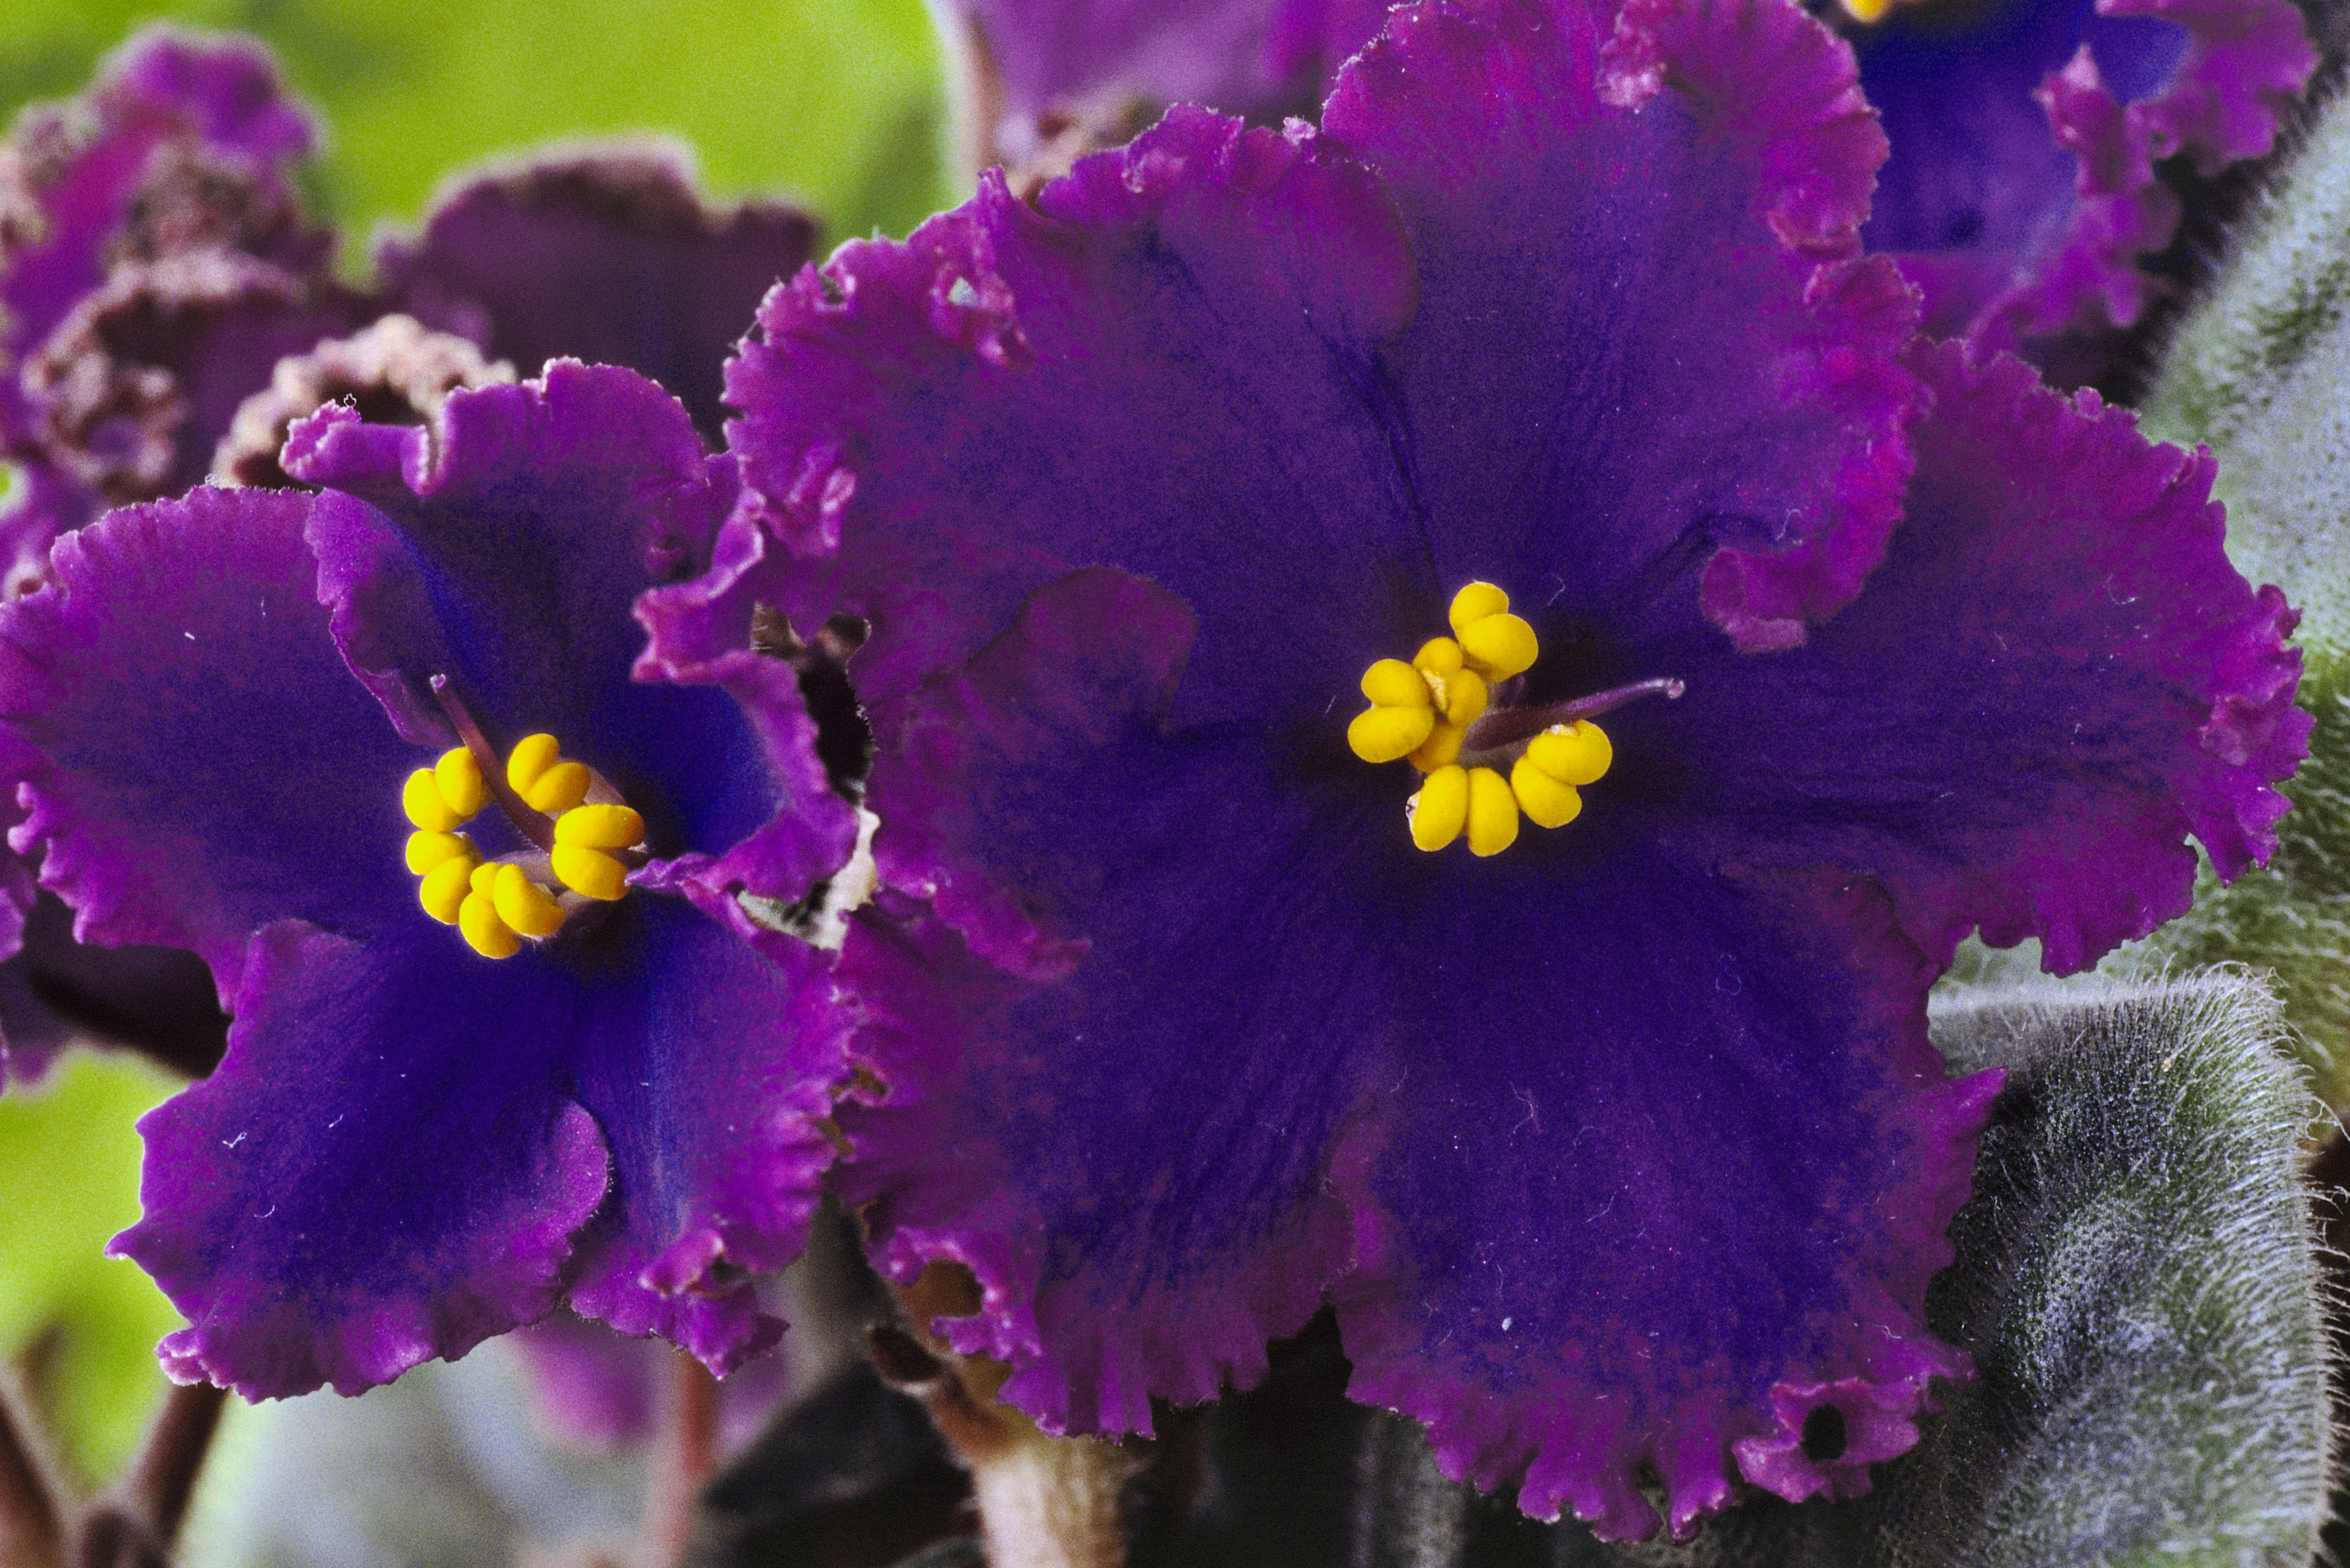 Violeta africana (Saintpaulia 'Llama de medianoche'), Primer plano de flores azules con bordes de curley